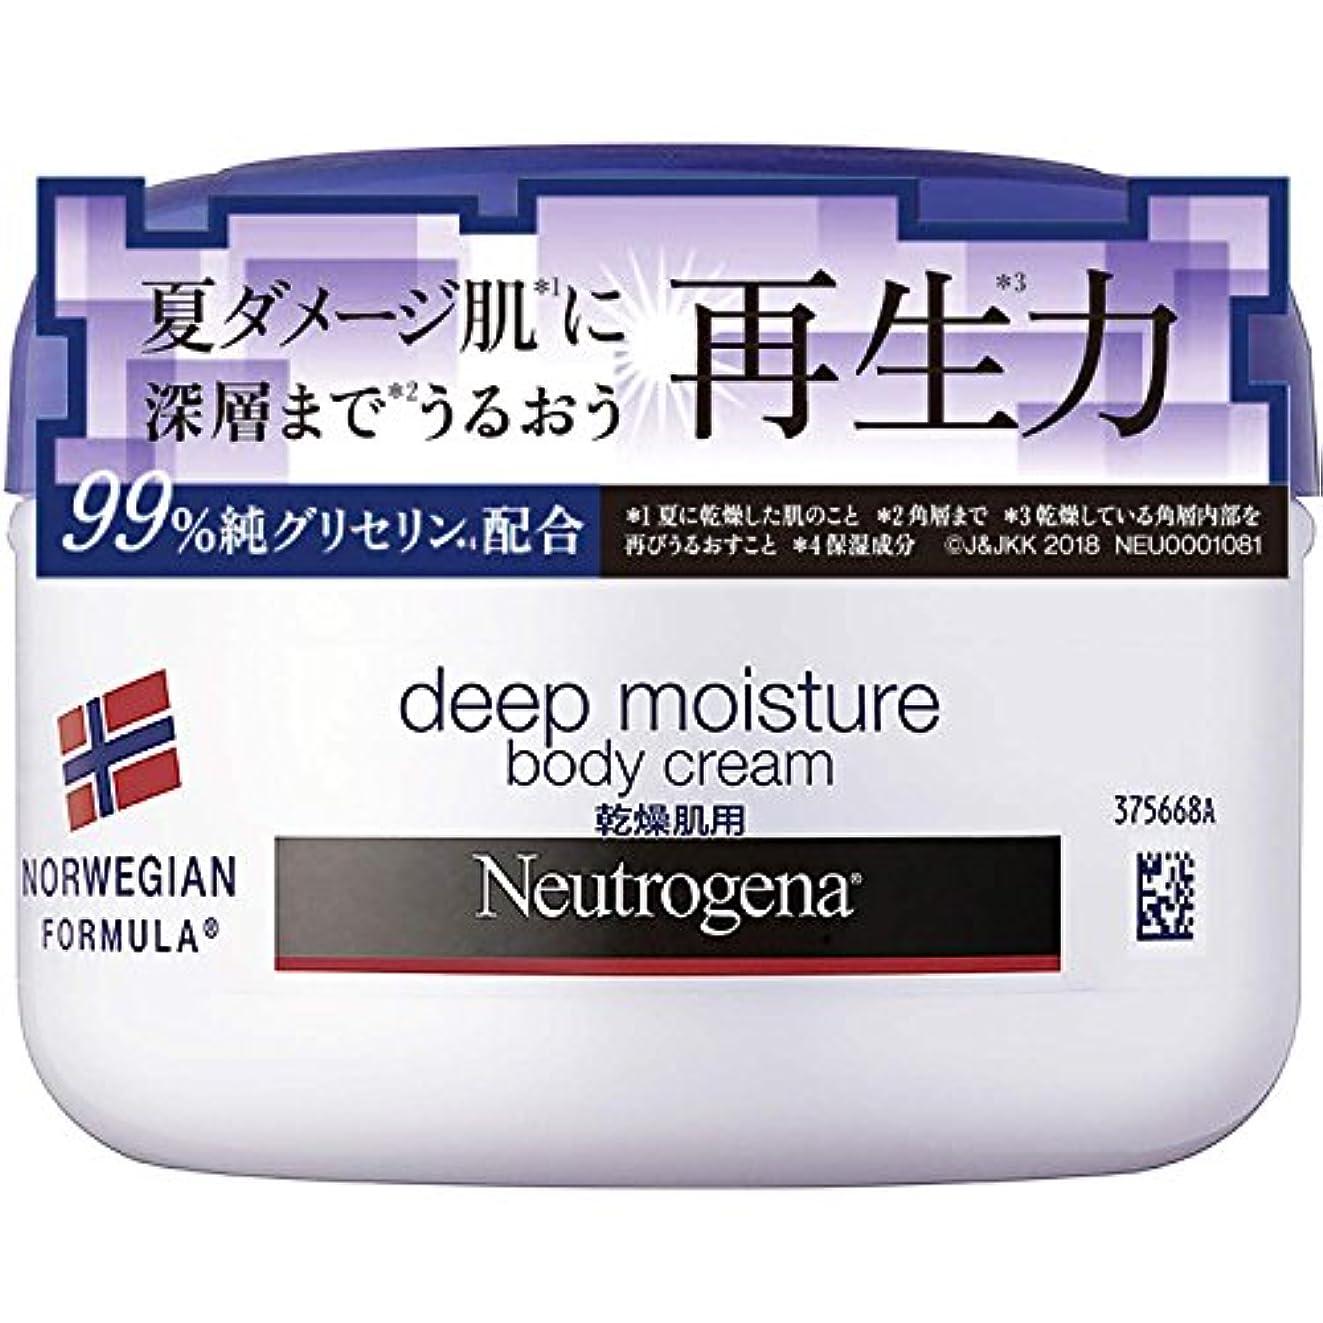 買う名前を作るオピエートNeutrogena(ニュートロジーナ) ノルウェーフォーミュラ ディープモイスチャー ボディクリーム 乾燥肌用 微香性 200ml